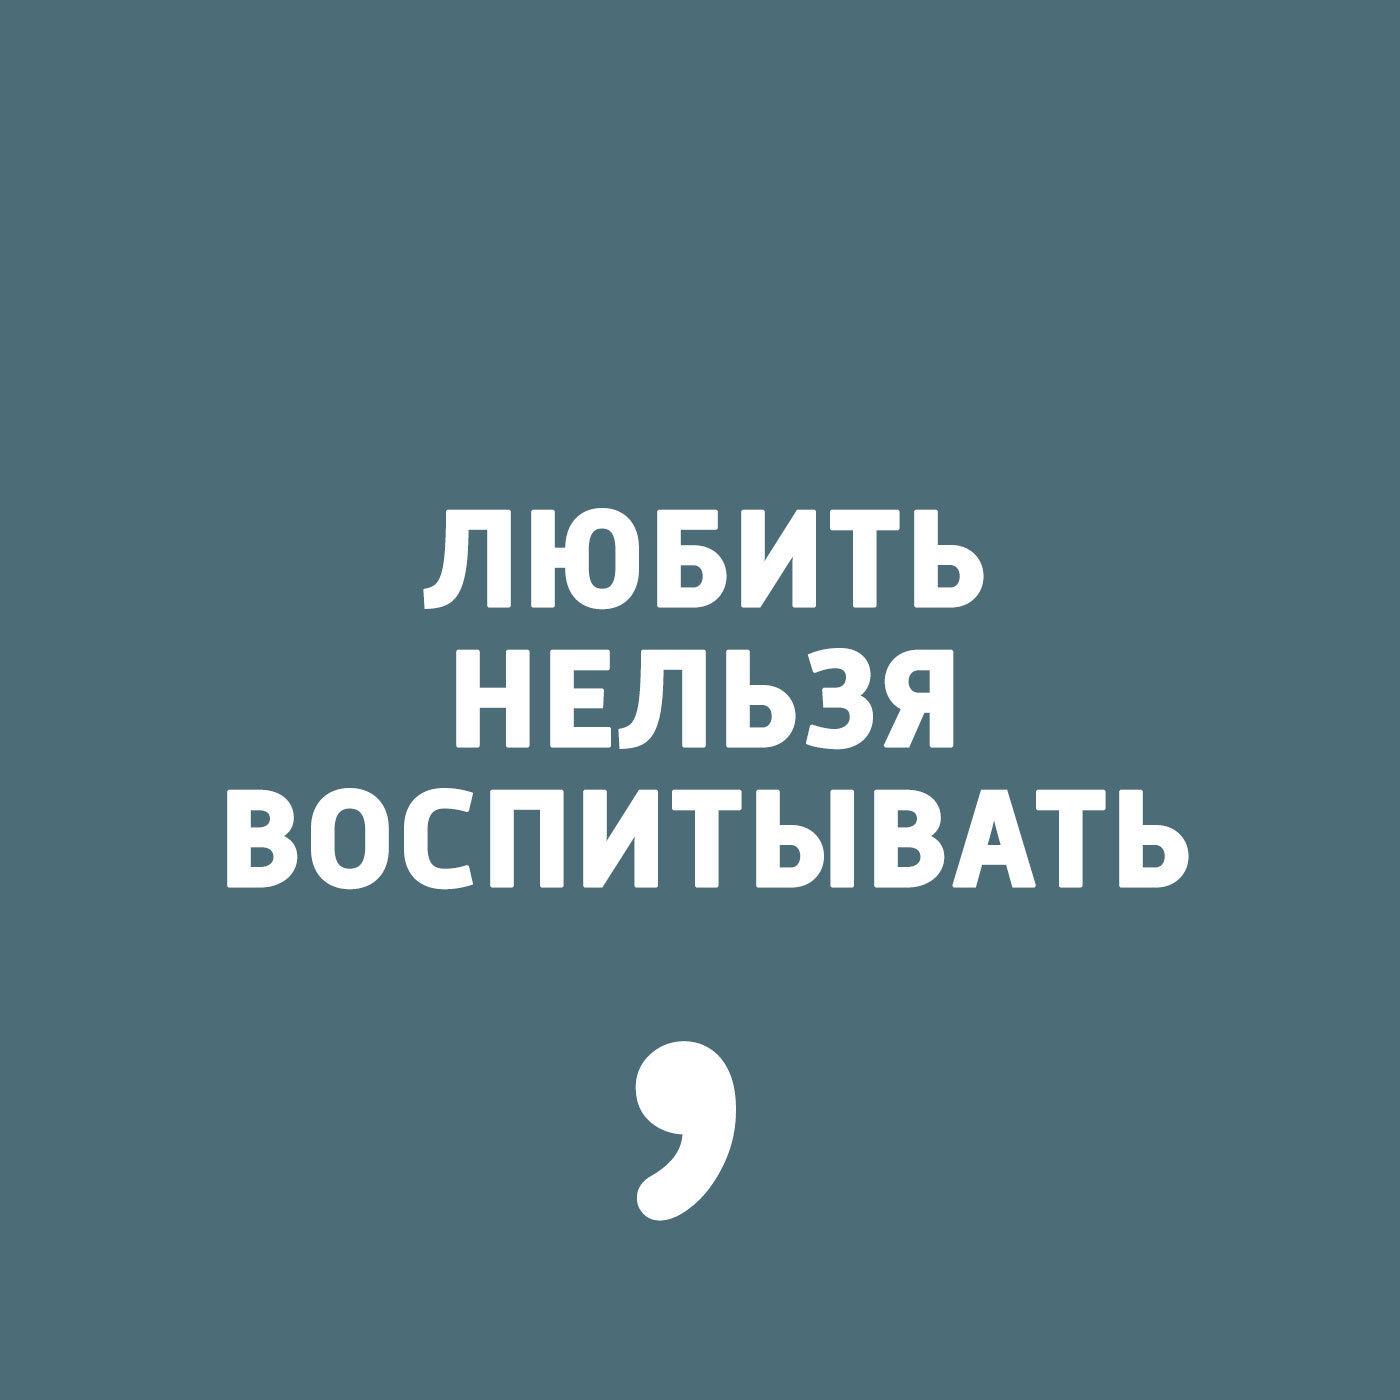 Дима Зицер Выпуск 1 дима зицер любить нельзя воспитывать